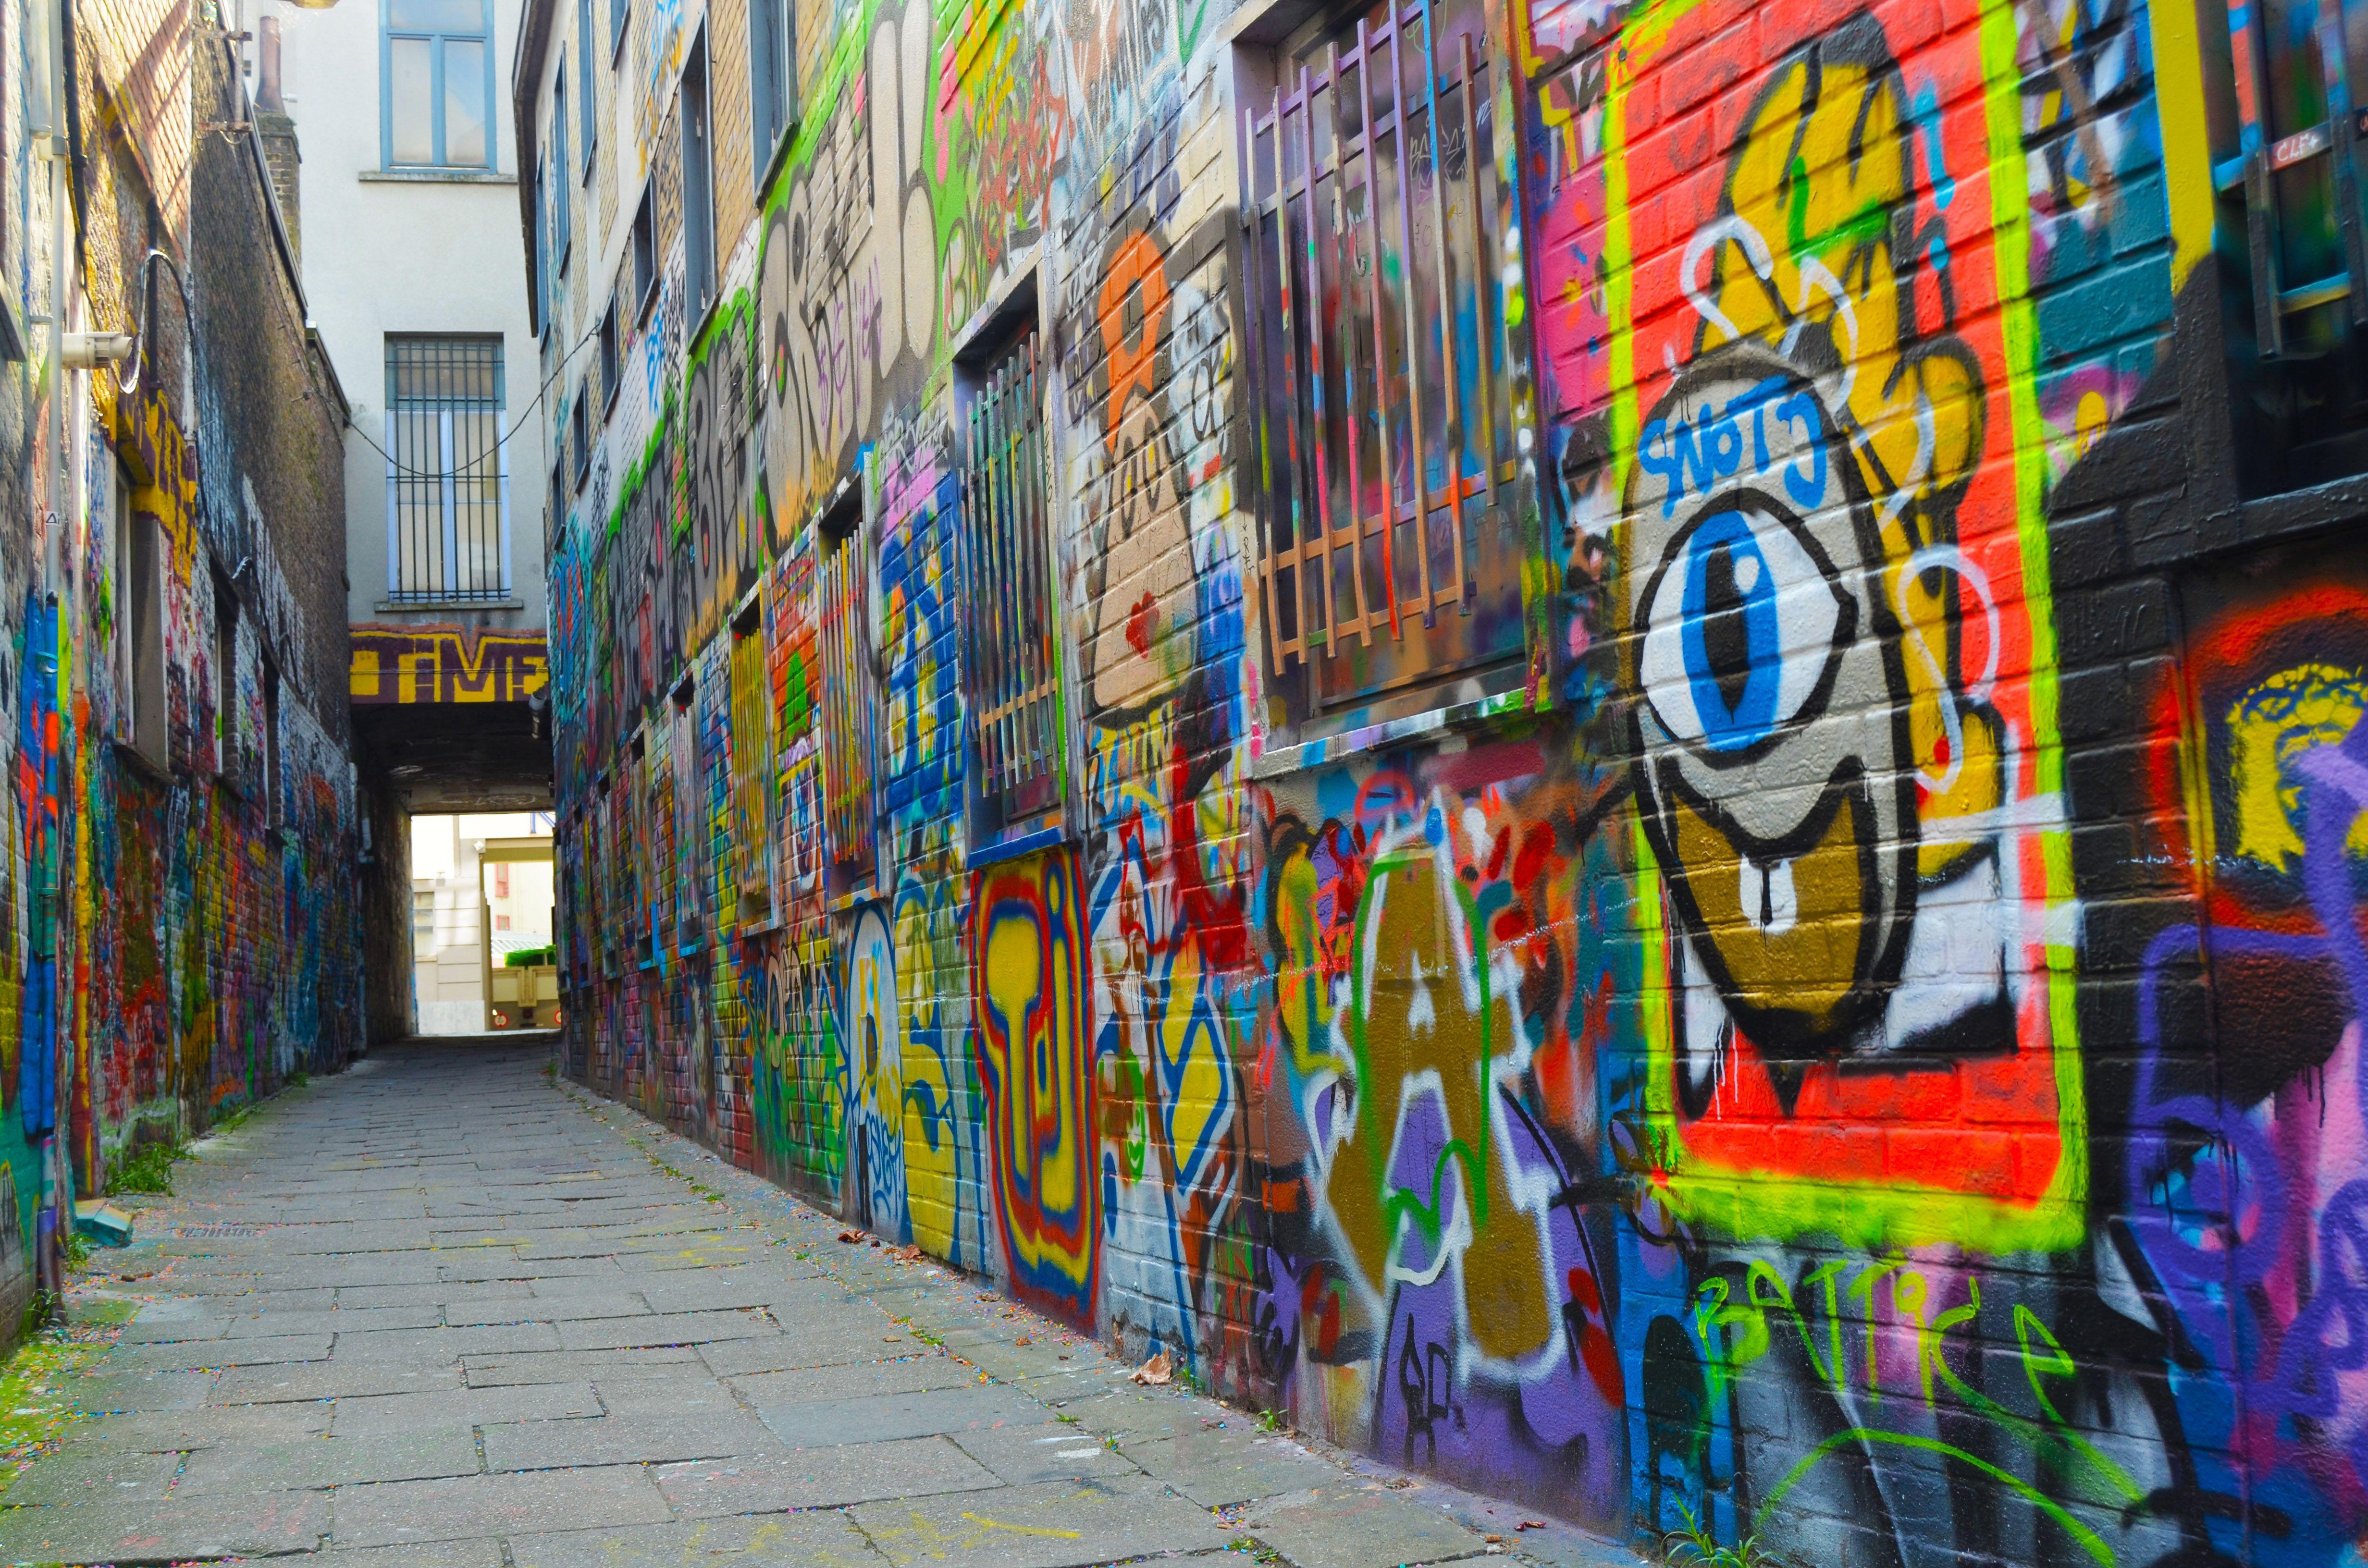 Werregarestraatje, el callejón de los Graffitis de Gante